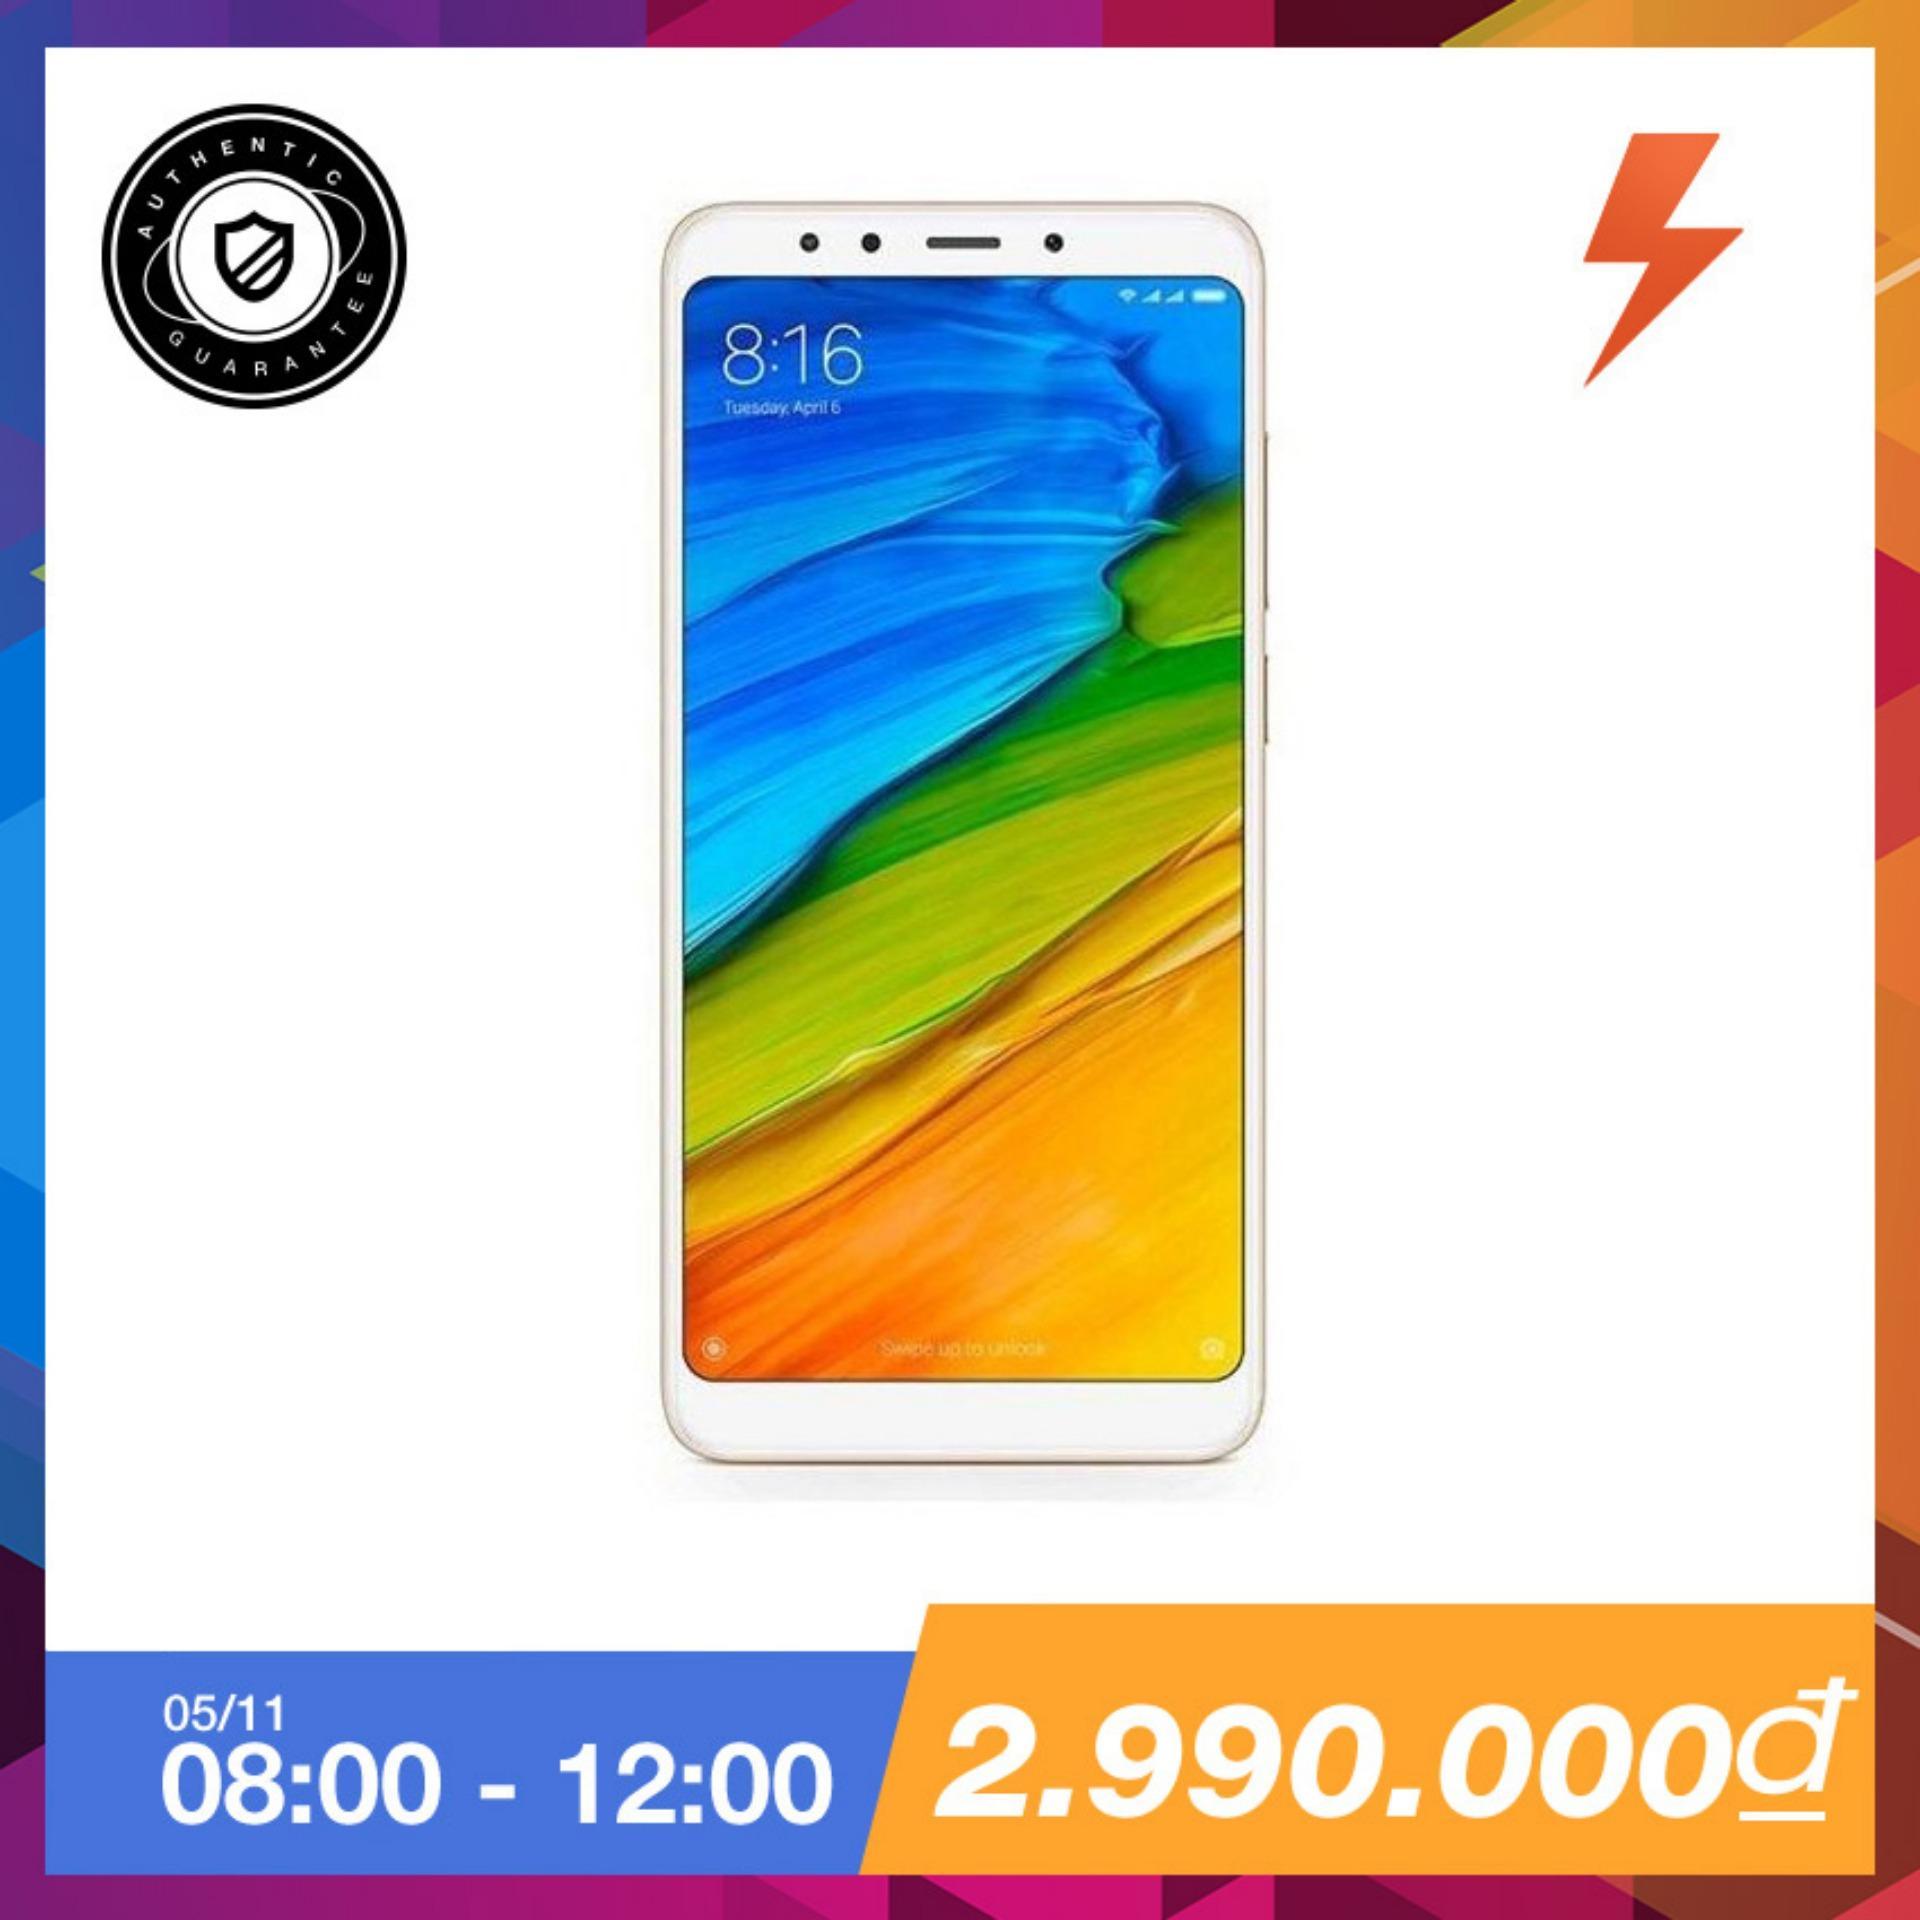 Xiaomi Redmi 5 32Gb Ram 3Gb Vang Hang Phan Phối Chinh Thức Xiaomi Chiết Khấu 40